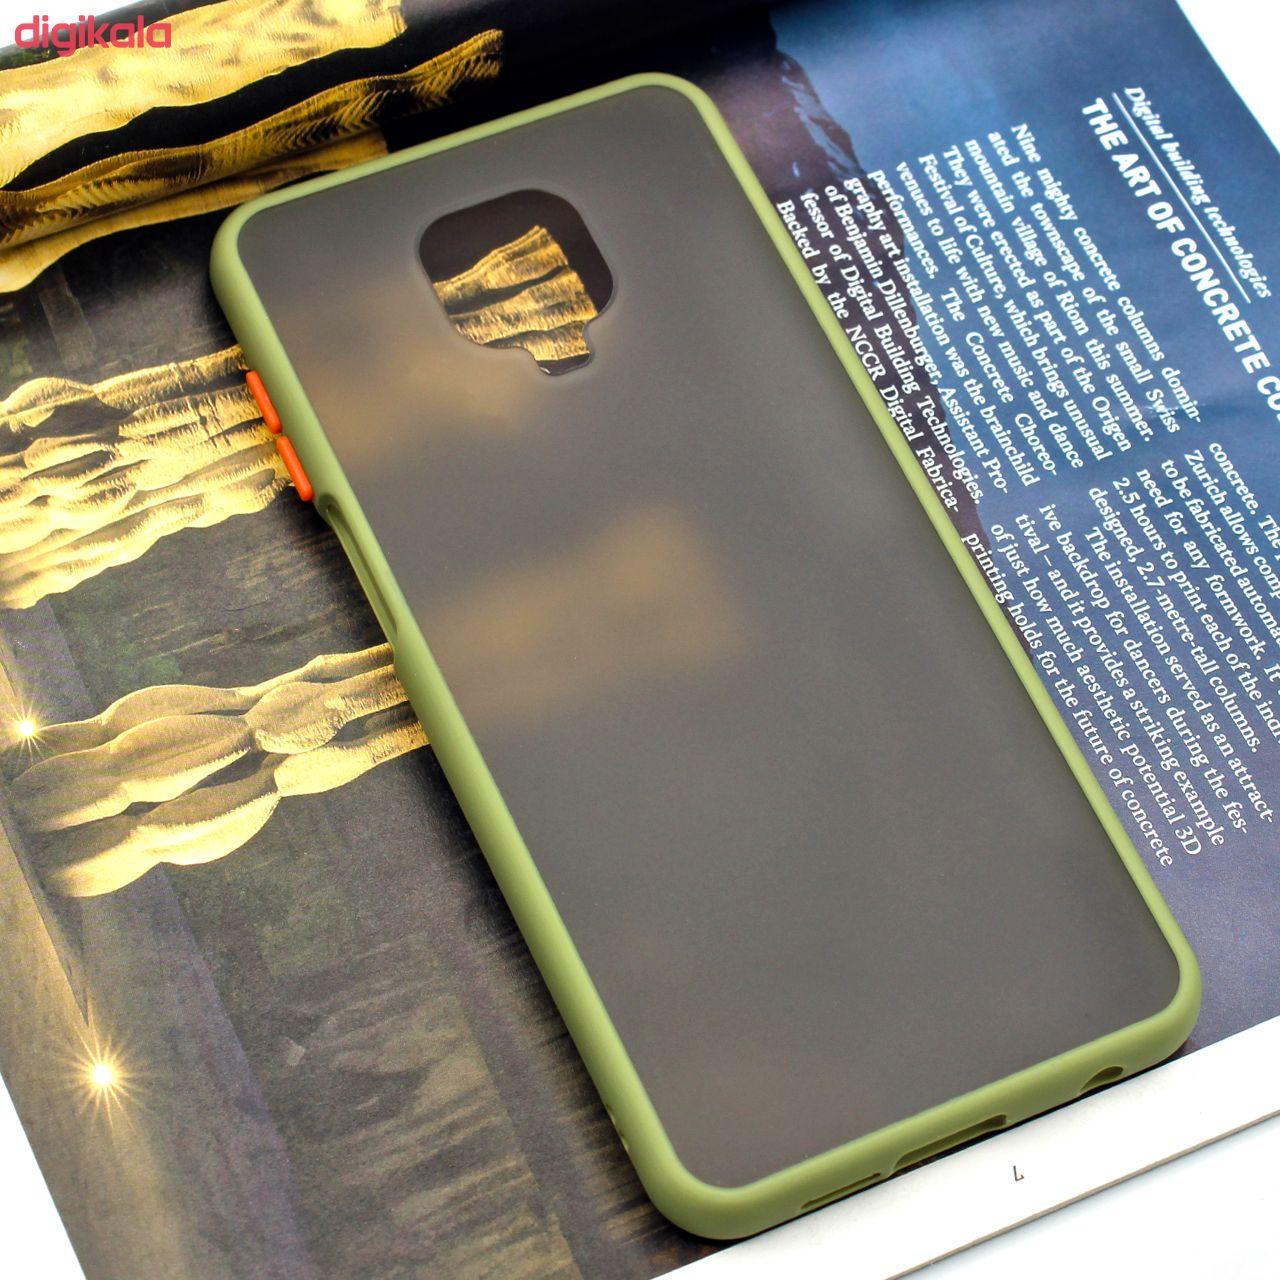 کاور کینگ پاور مدل M21 مناسب برای گوشی موبایل شیائومی Redmi Note 9S / Note 9 Pro / Note 9 Pro Max main 1 5